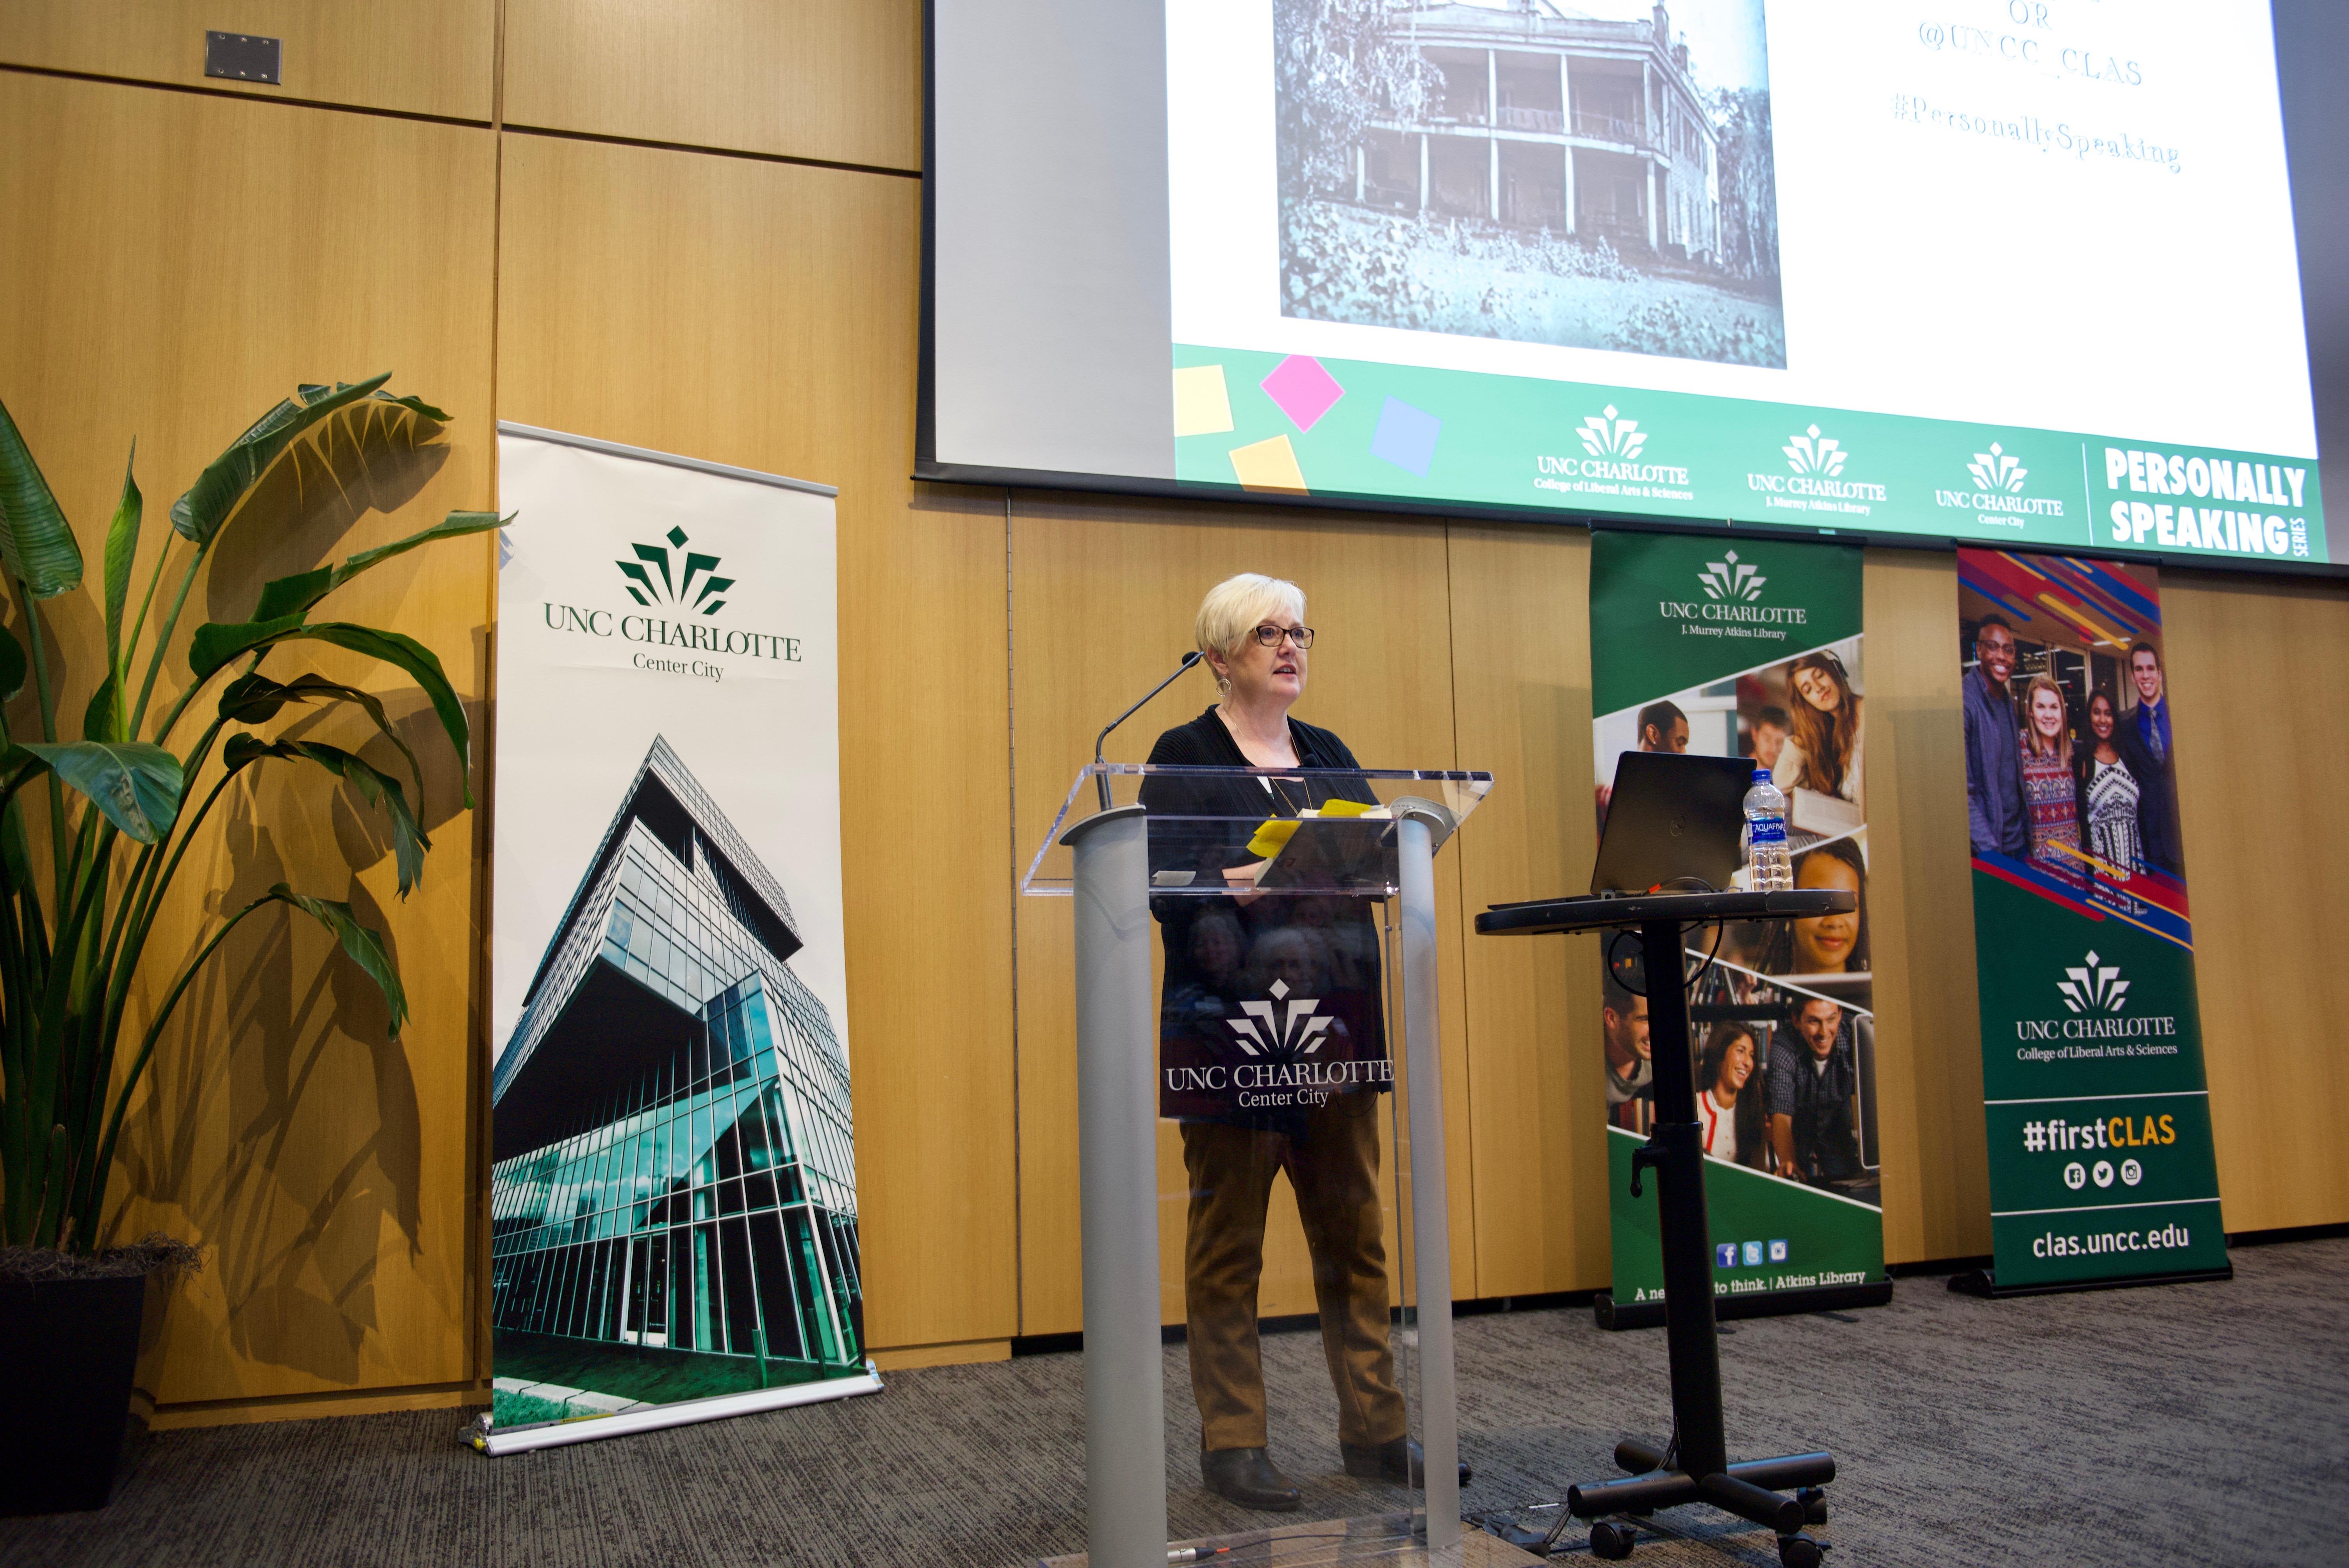 Karen Cox giving a talk.